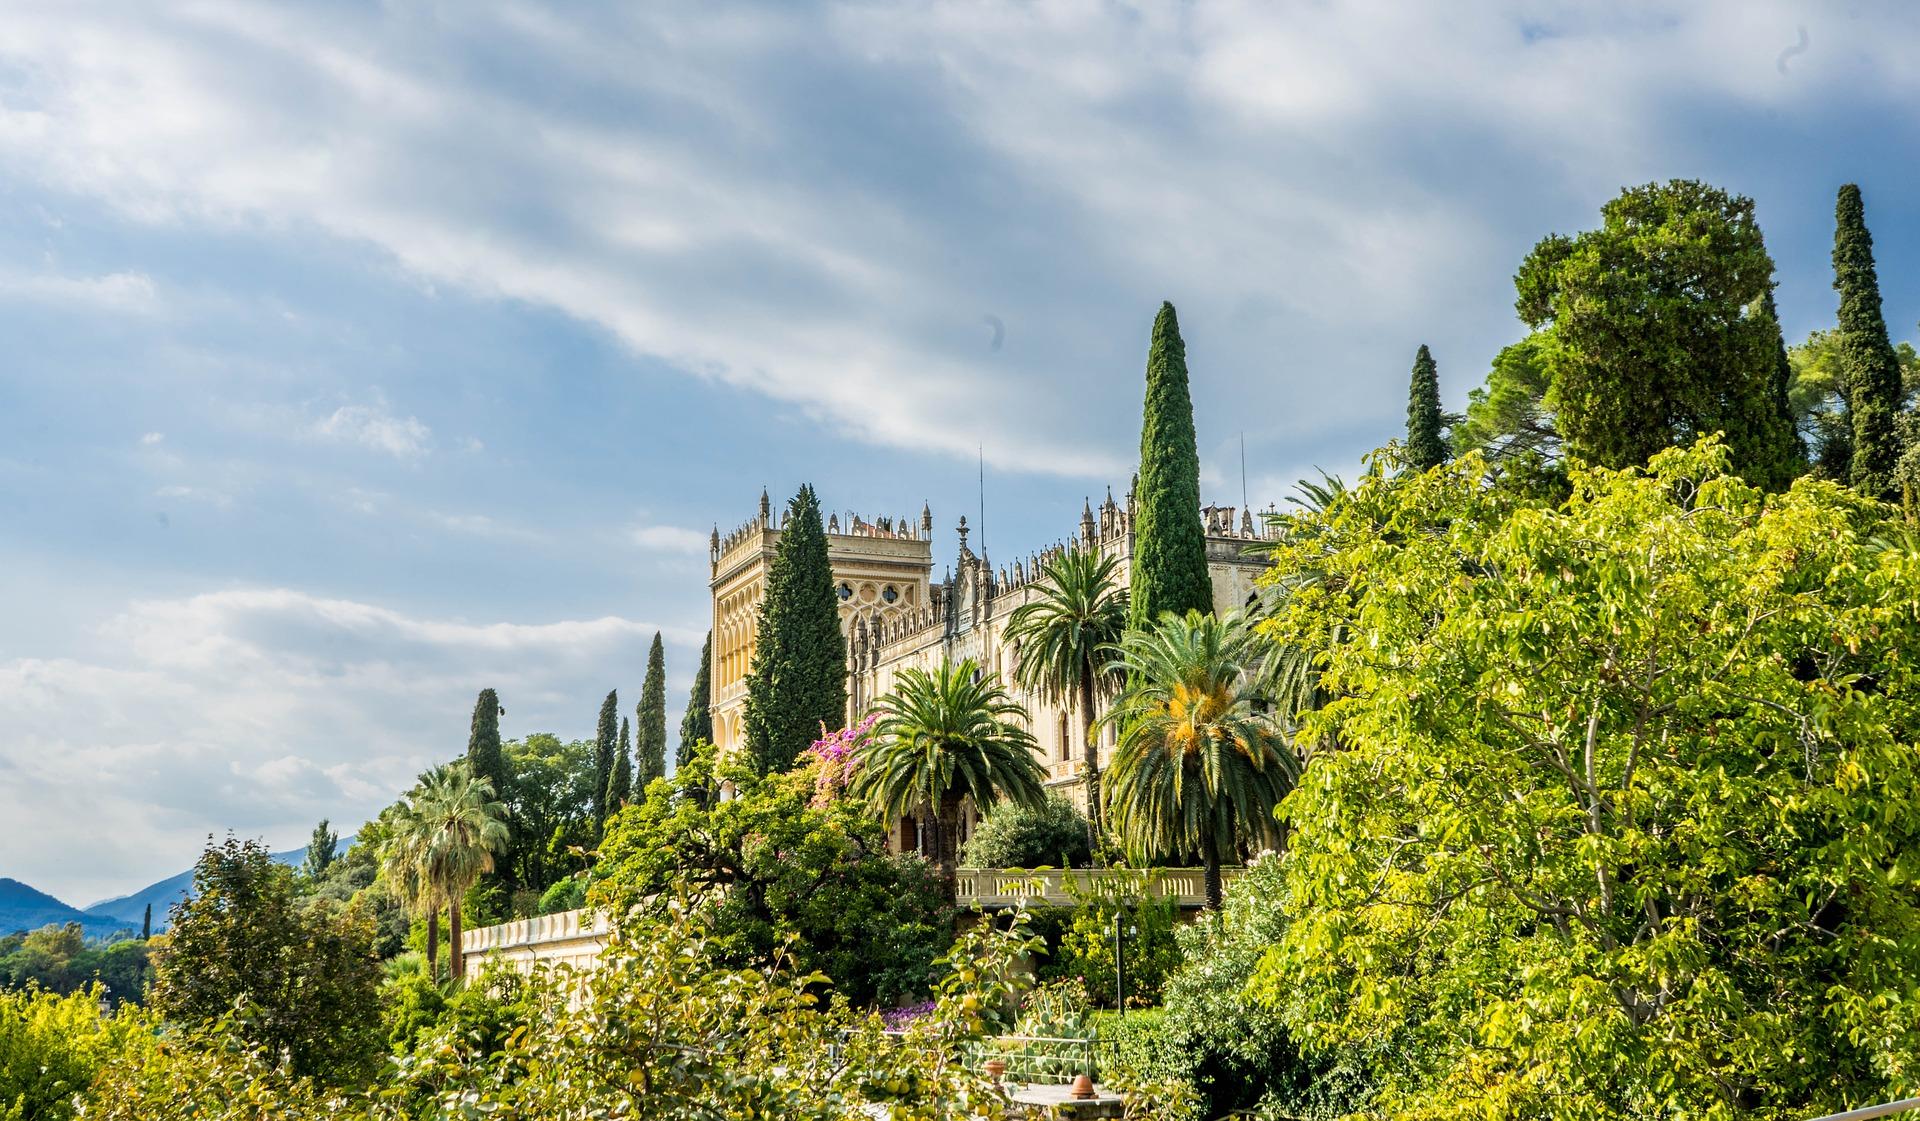 Maak een uitstapje naar Isola del Garda